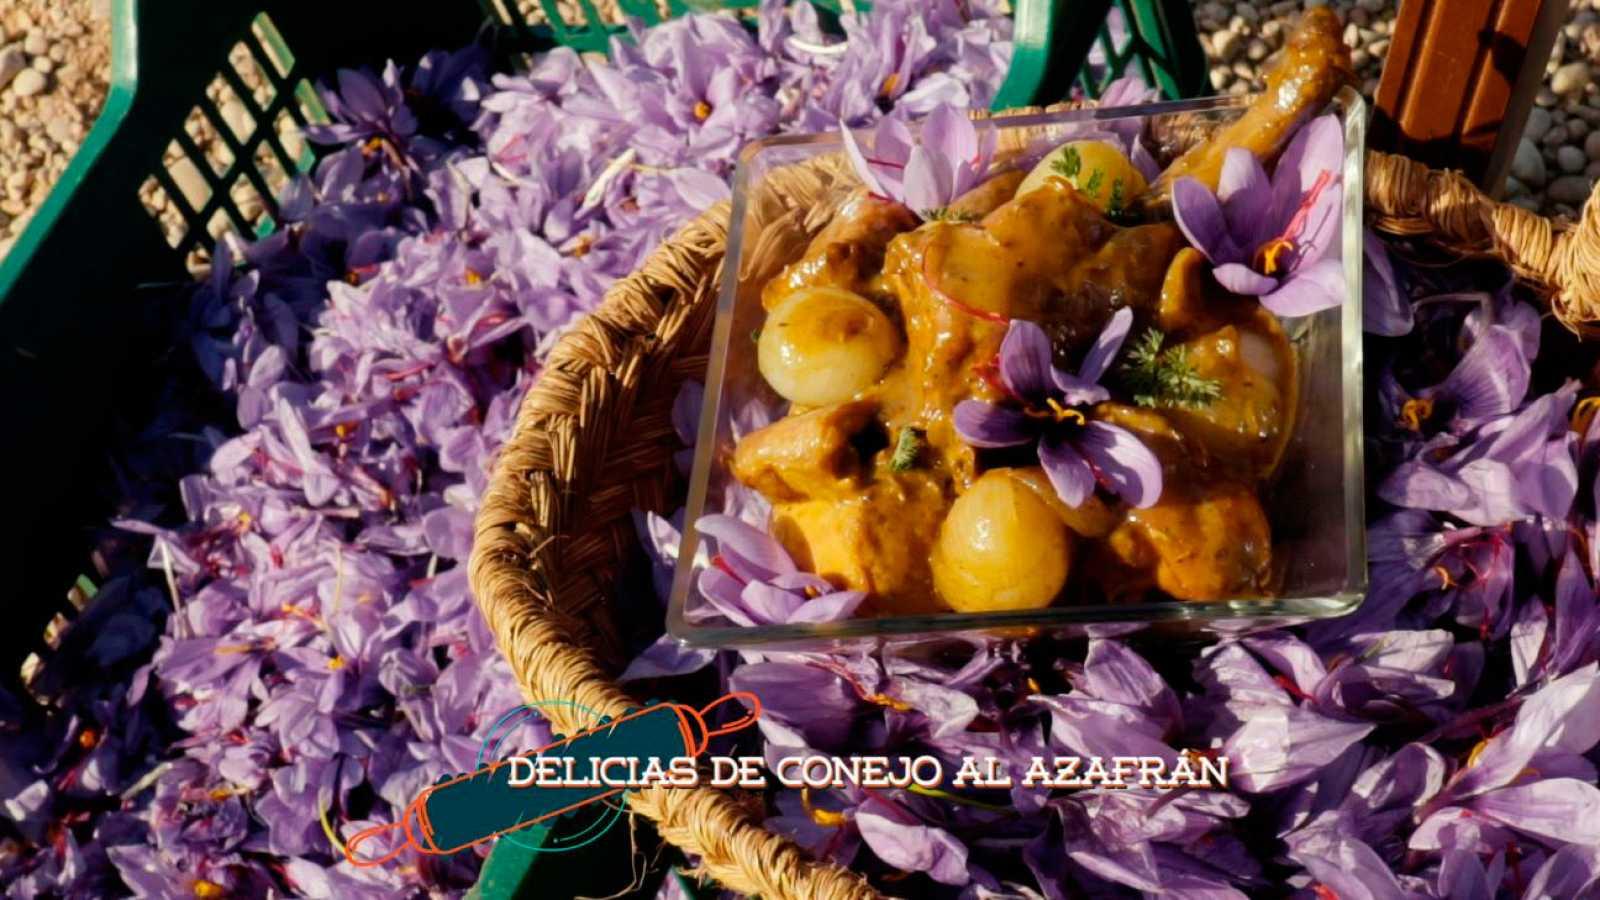 Las rutas D'Ambrosio - Delicias de conejo al azafrán